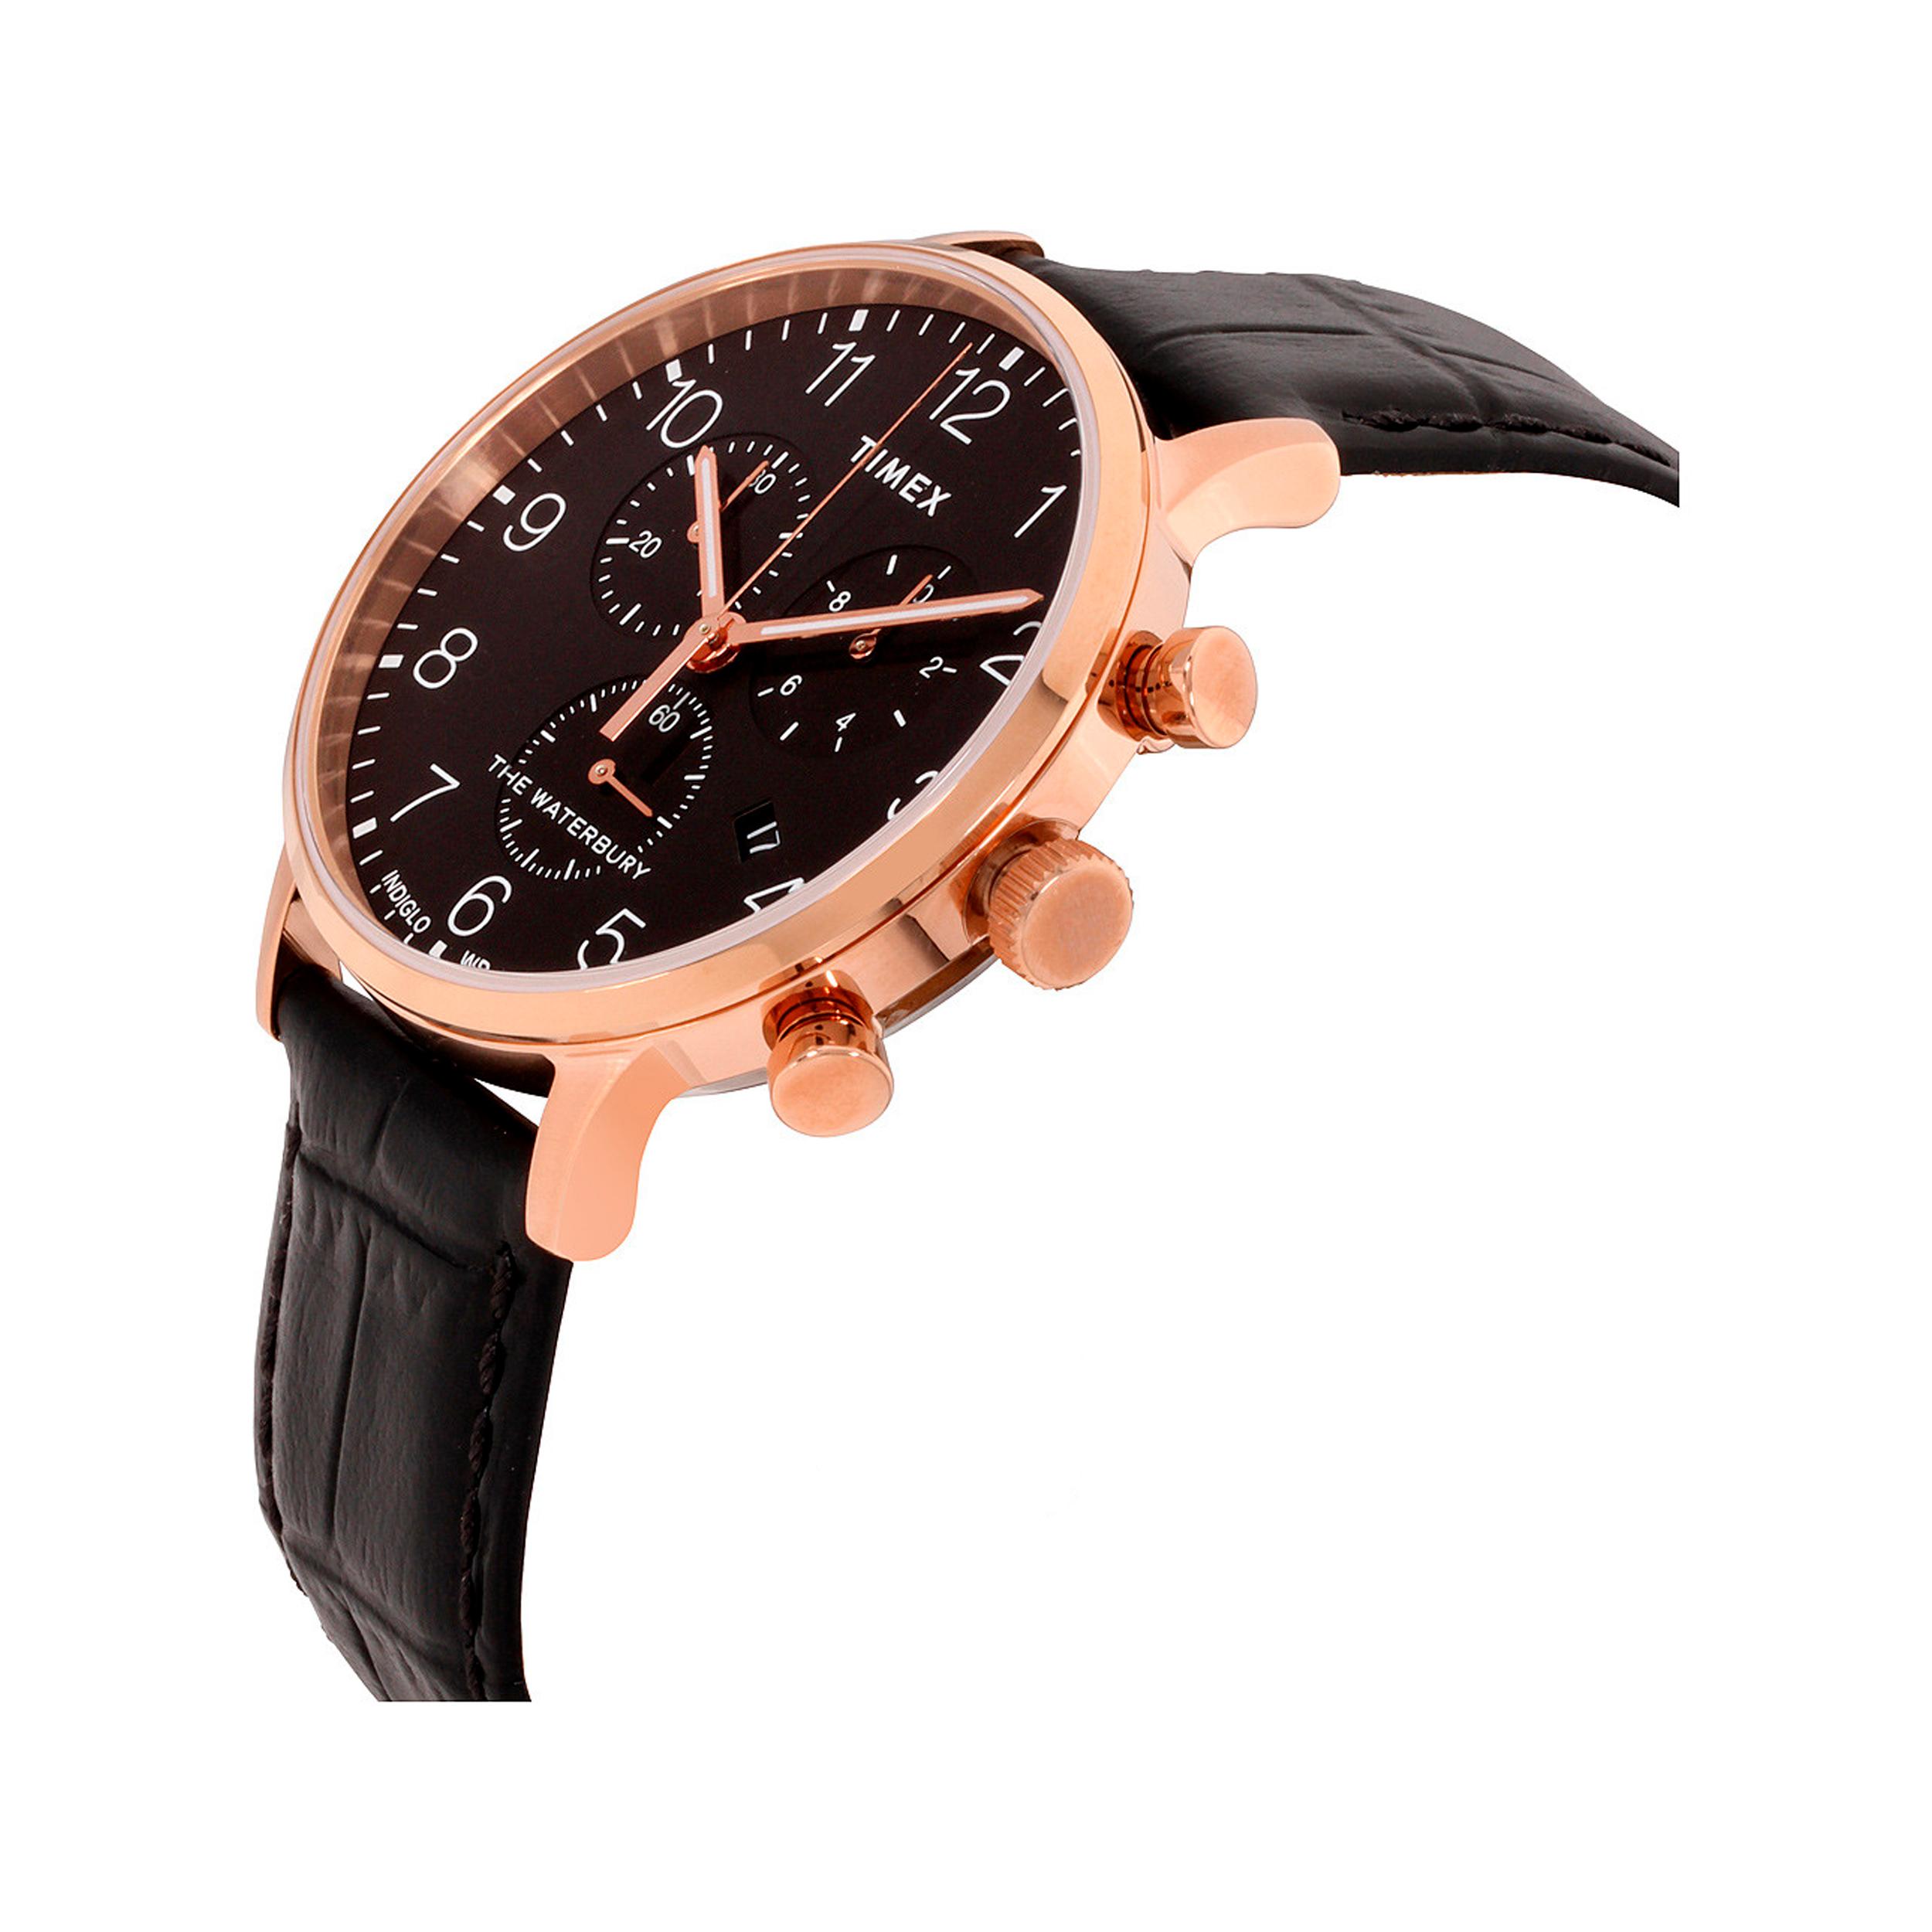 ساعت مچی عقربه ای مردانه تایمکس مدل TW2R72000